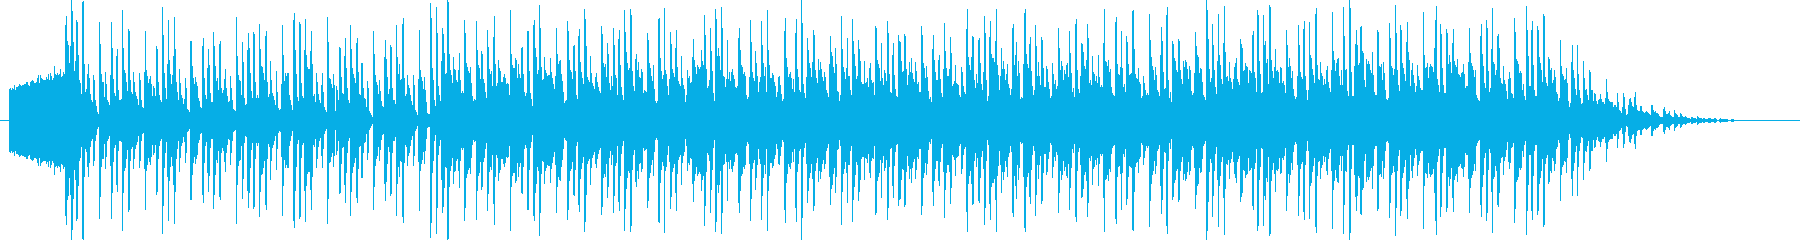 サックスの旋律が印象的な都会的なロックの再生済みの波形